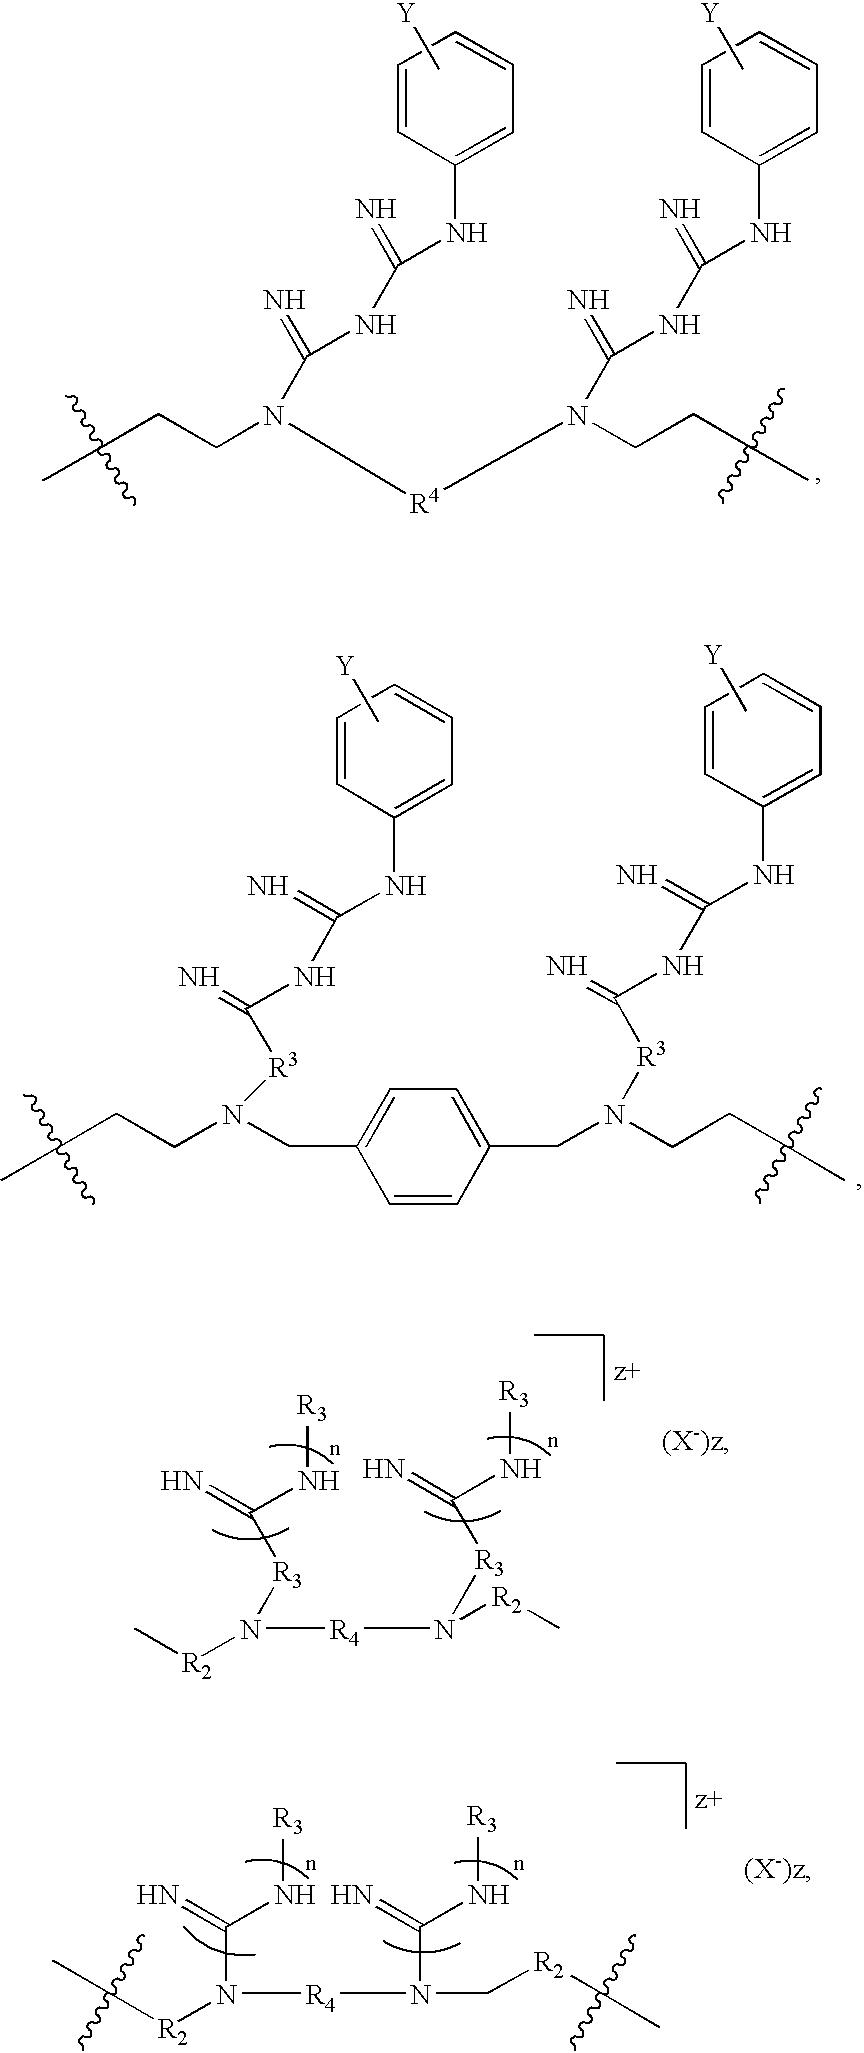 Figure US20090074833A1-20090319-C00004